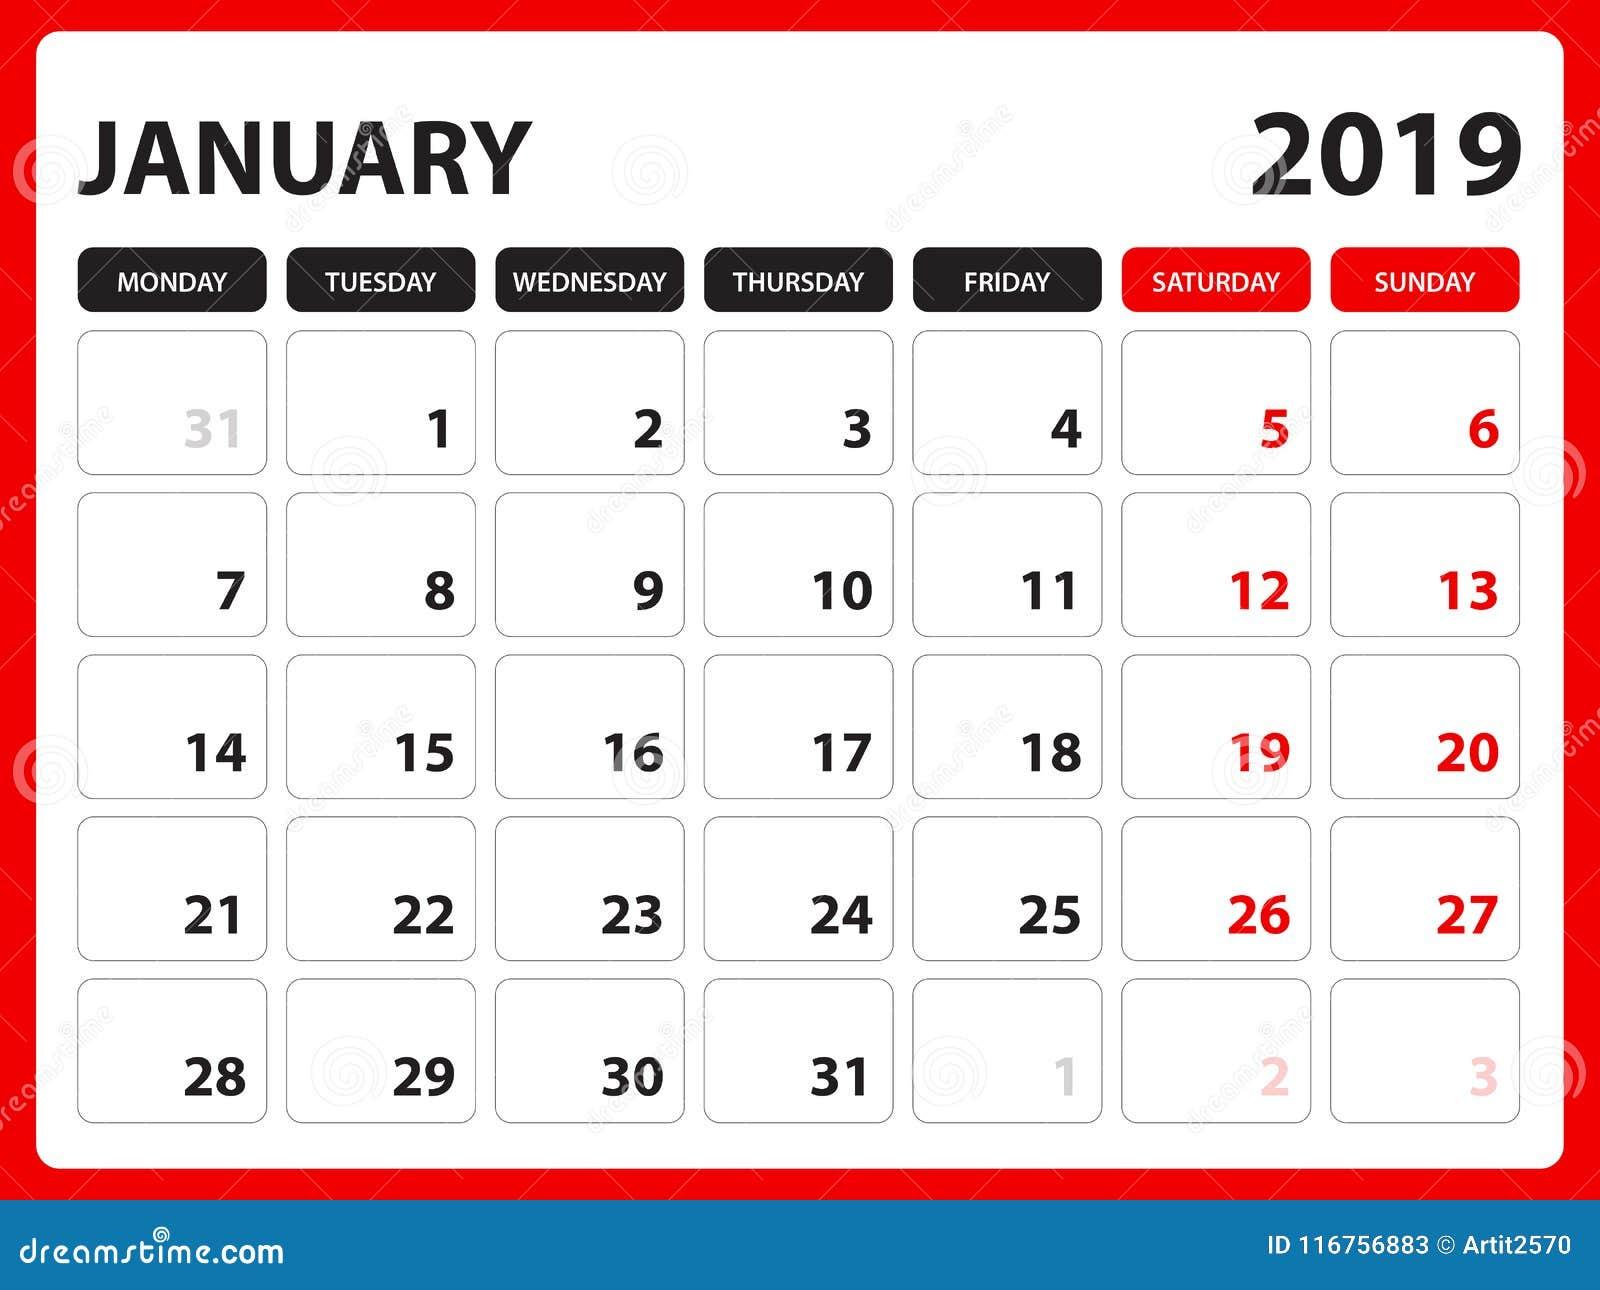 Il calendario da scrivania per il modello il gennaio 2019, calendario stampabile, modello di progettazione del pianificatore, set